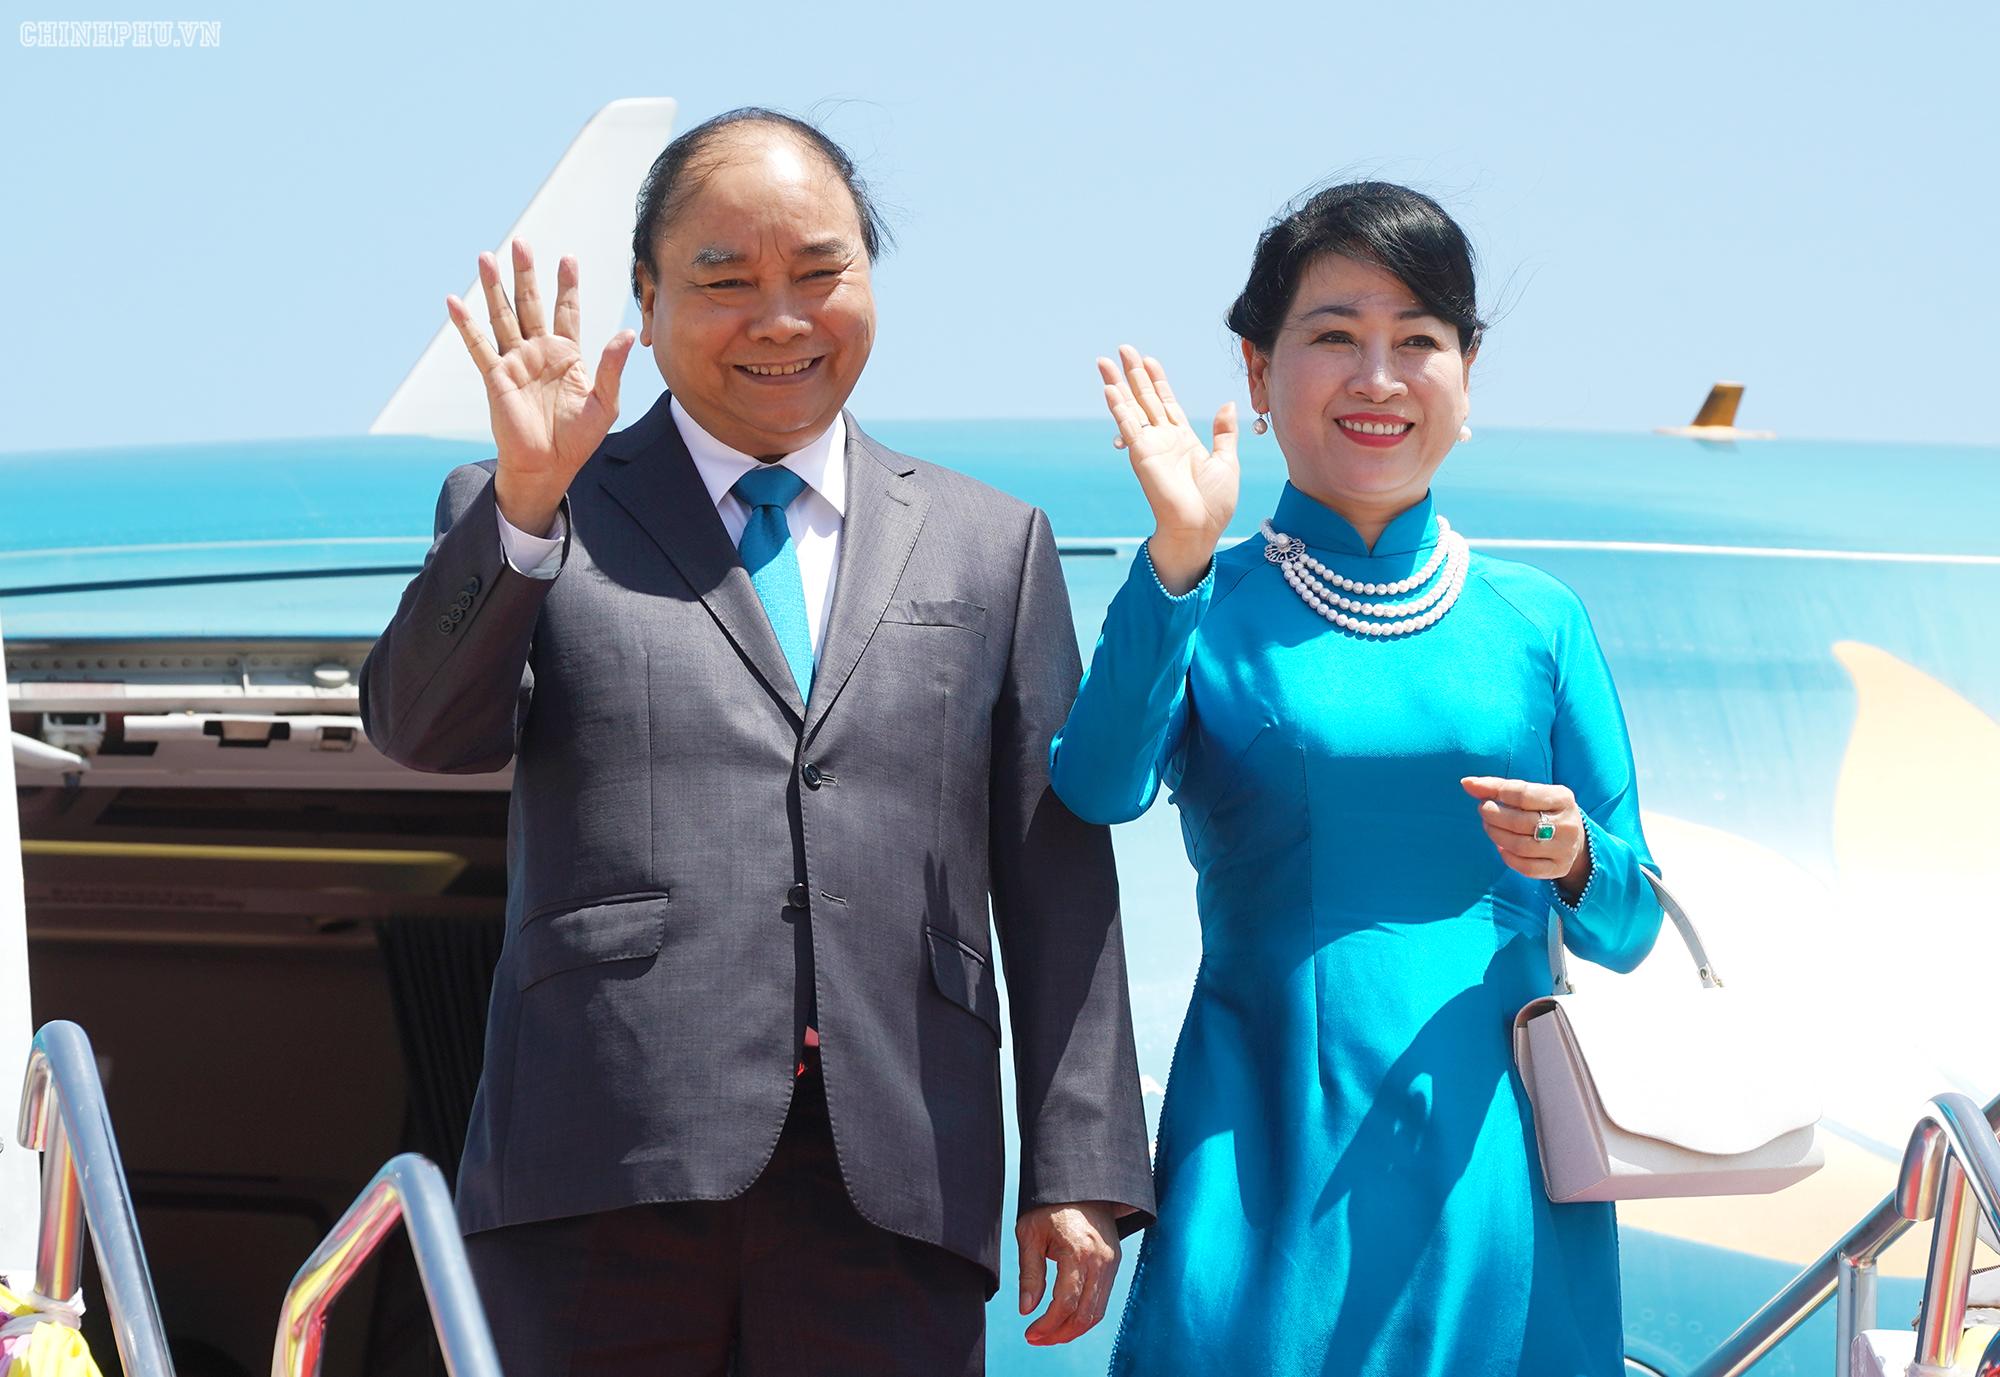 Thủ tướng và Phu nhân dự Hội nghị Cấp cao ASEAN lần thứ 35 tại Thái Lan